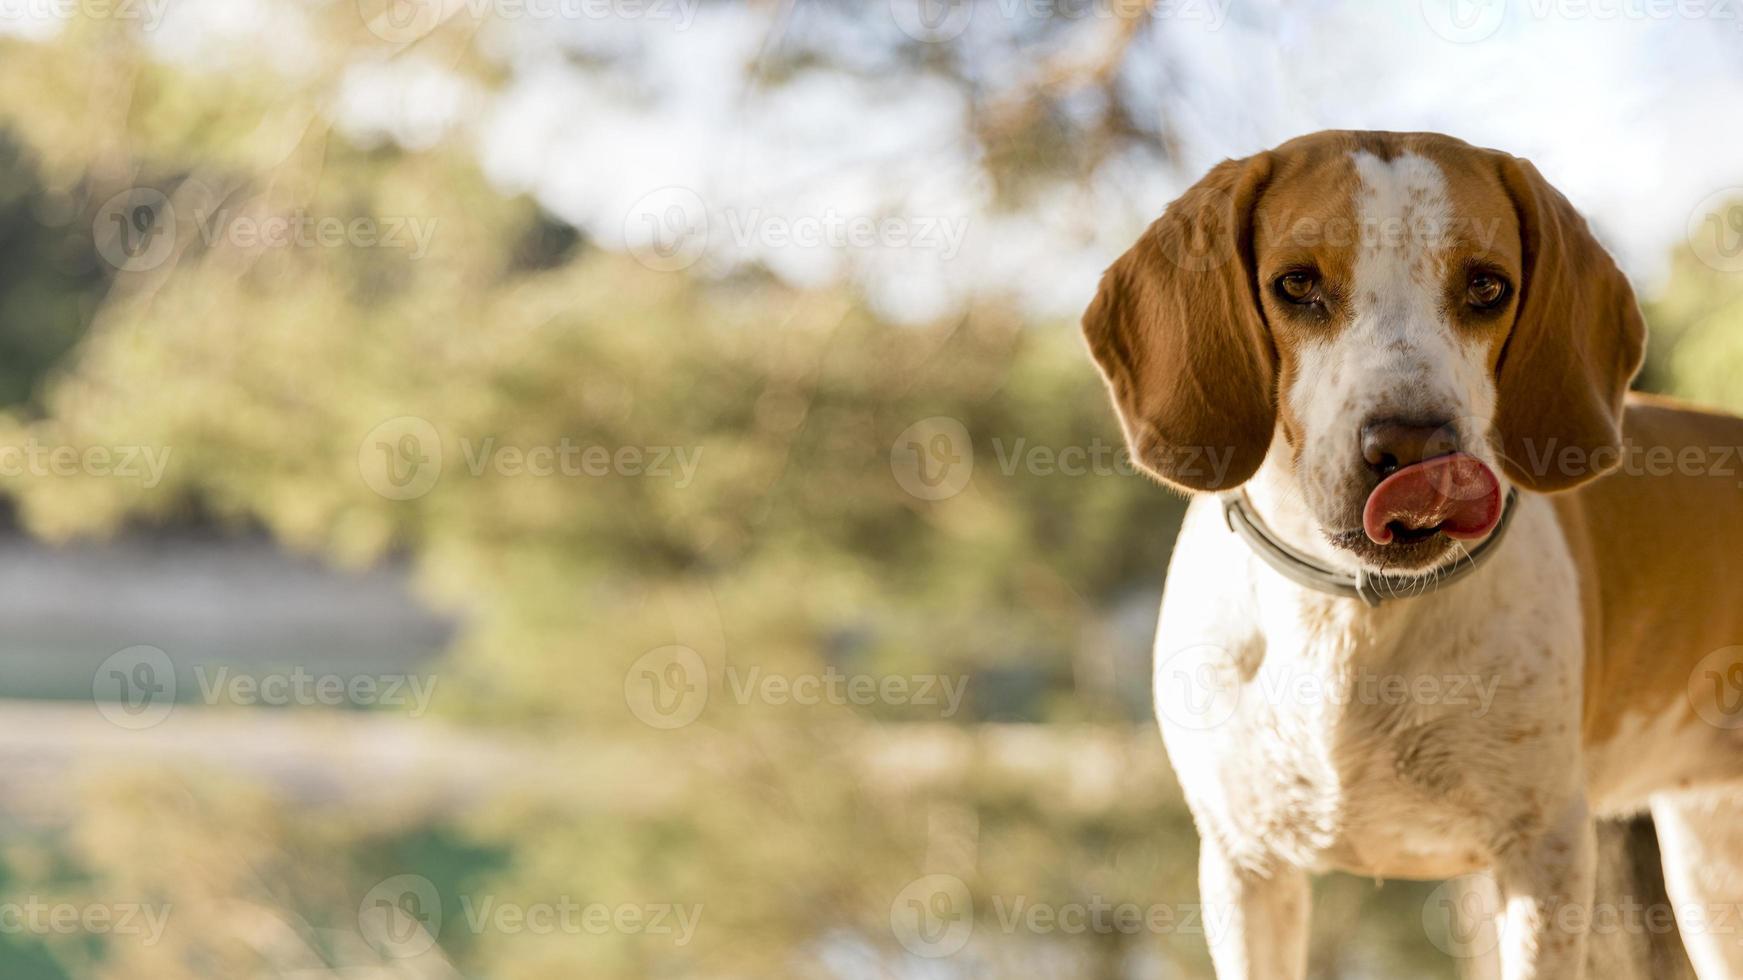 guter Junge Hund auf unscharfem Naturhintergrund foto